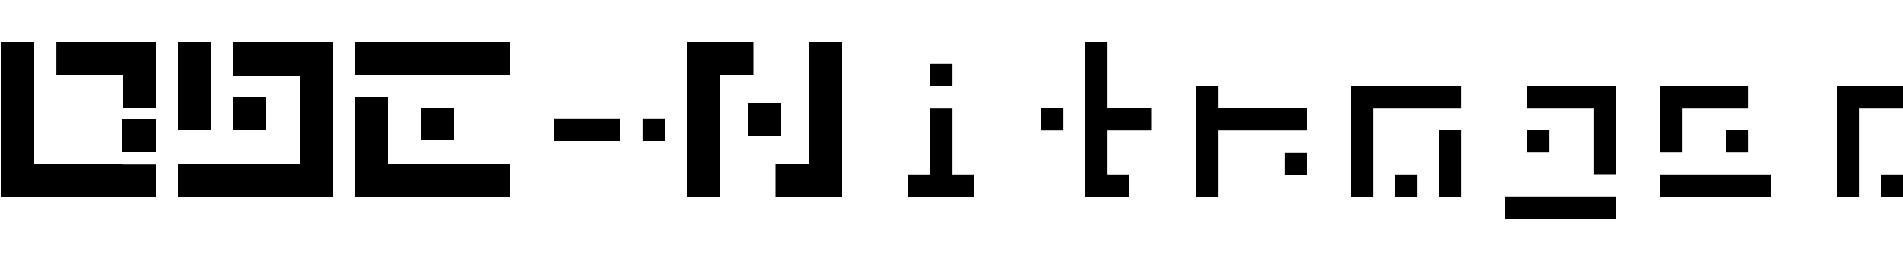 DBE-Nitrogen